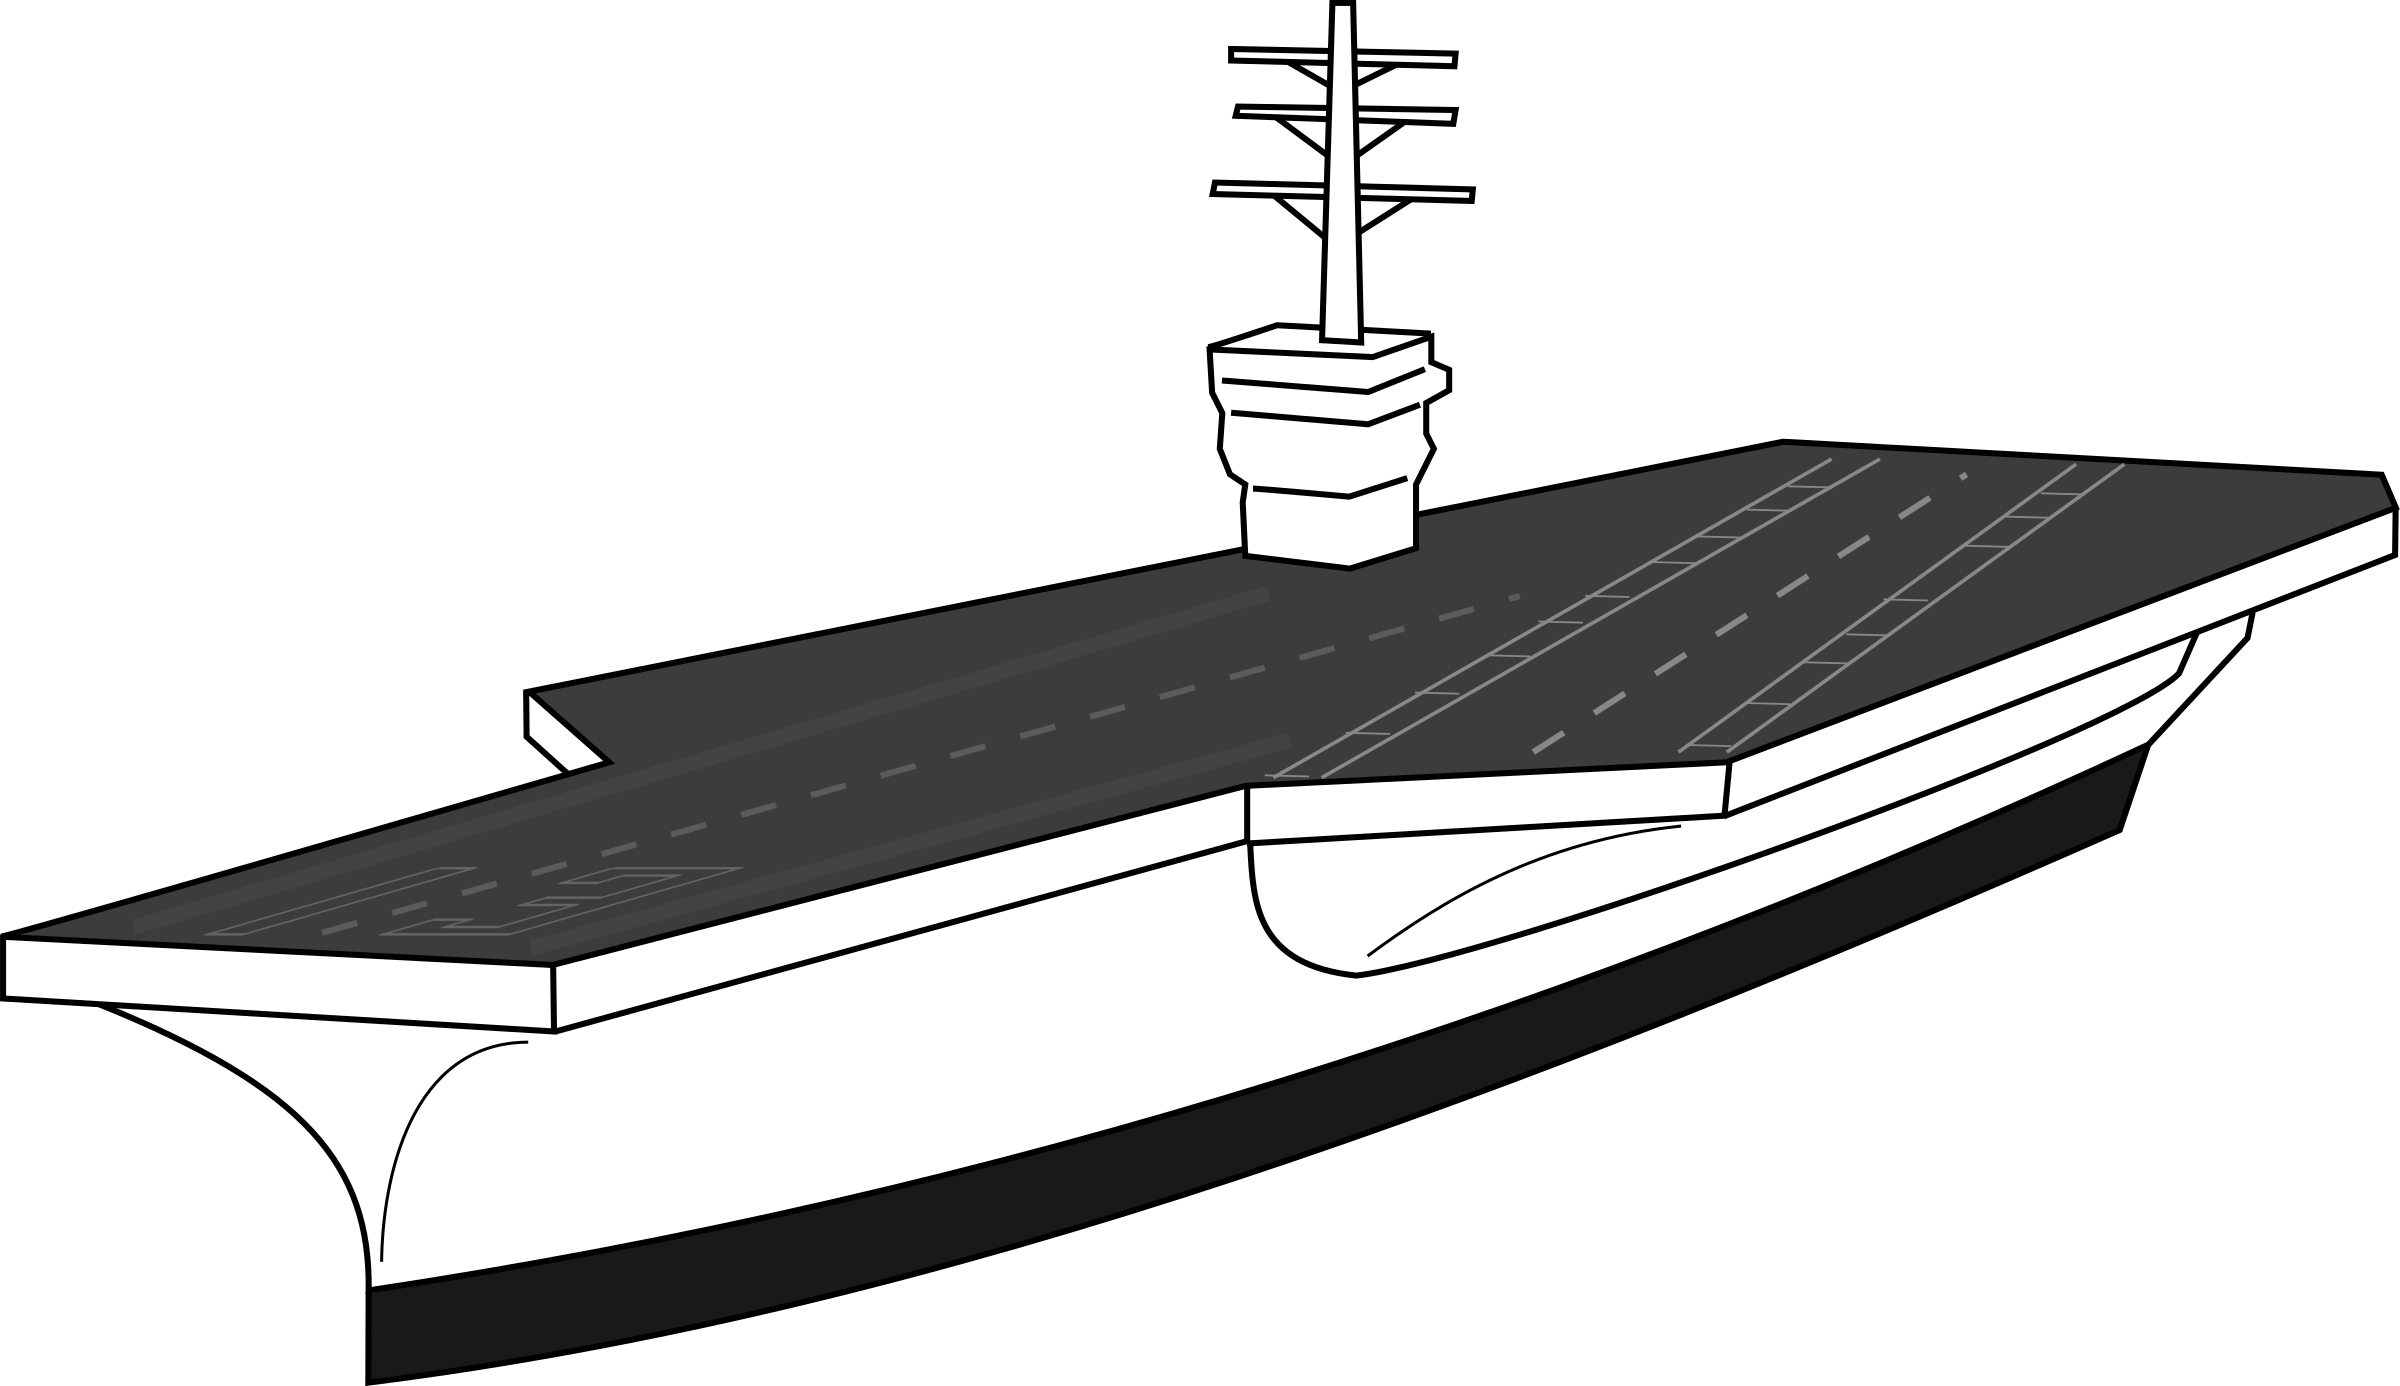 Drawn ship battleship Aircraft carrier carrier Aircraft Clipart